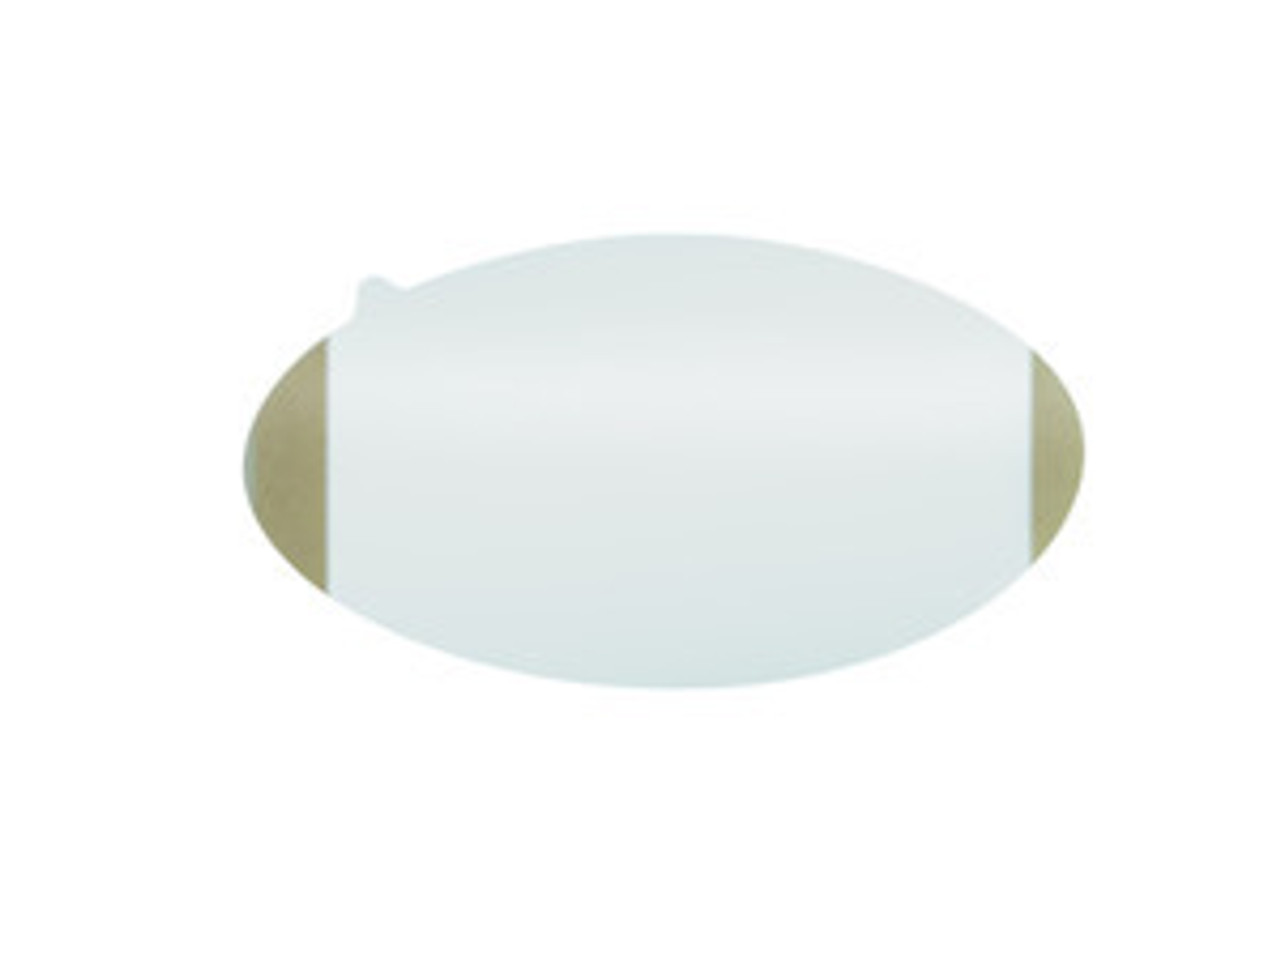 Lens Covers for M70 Full-Face Mask (25 pack)